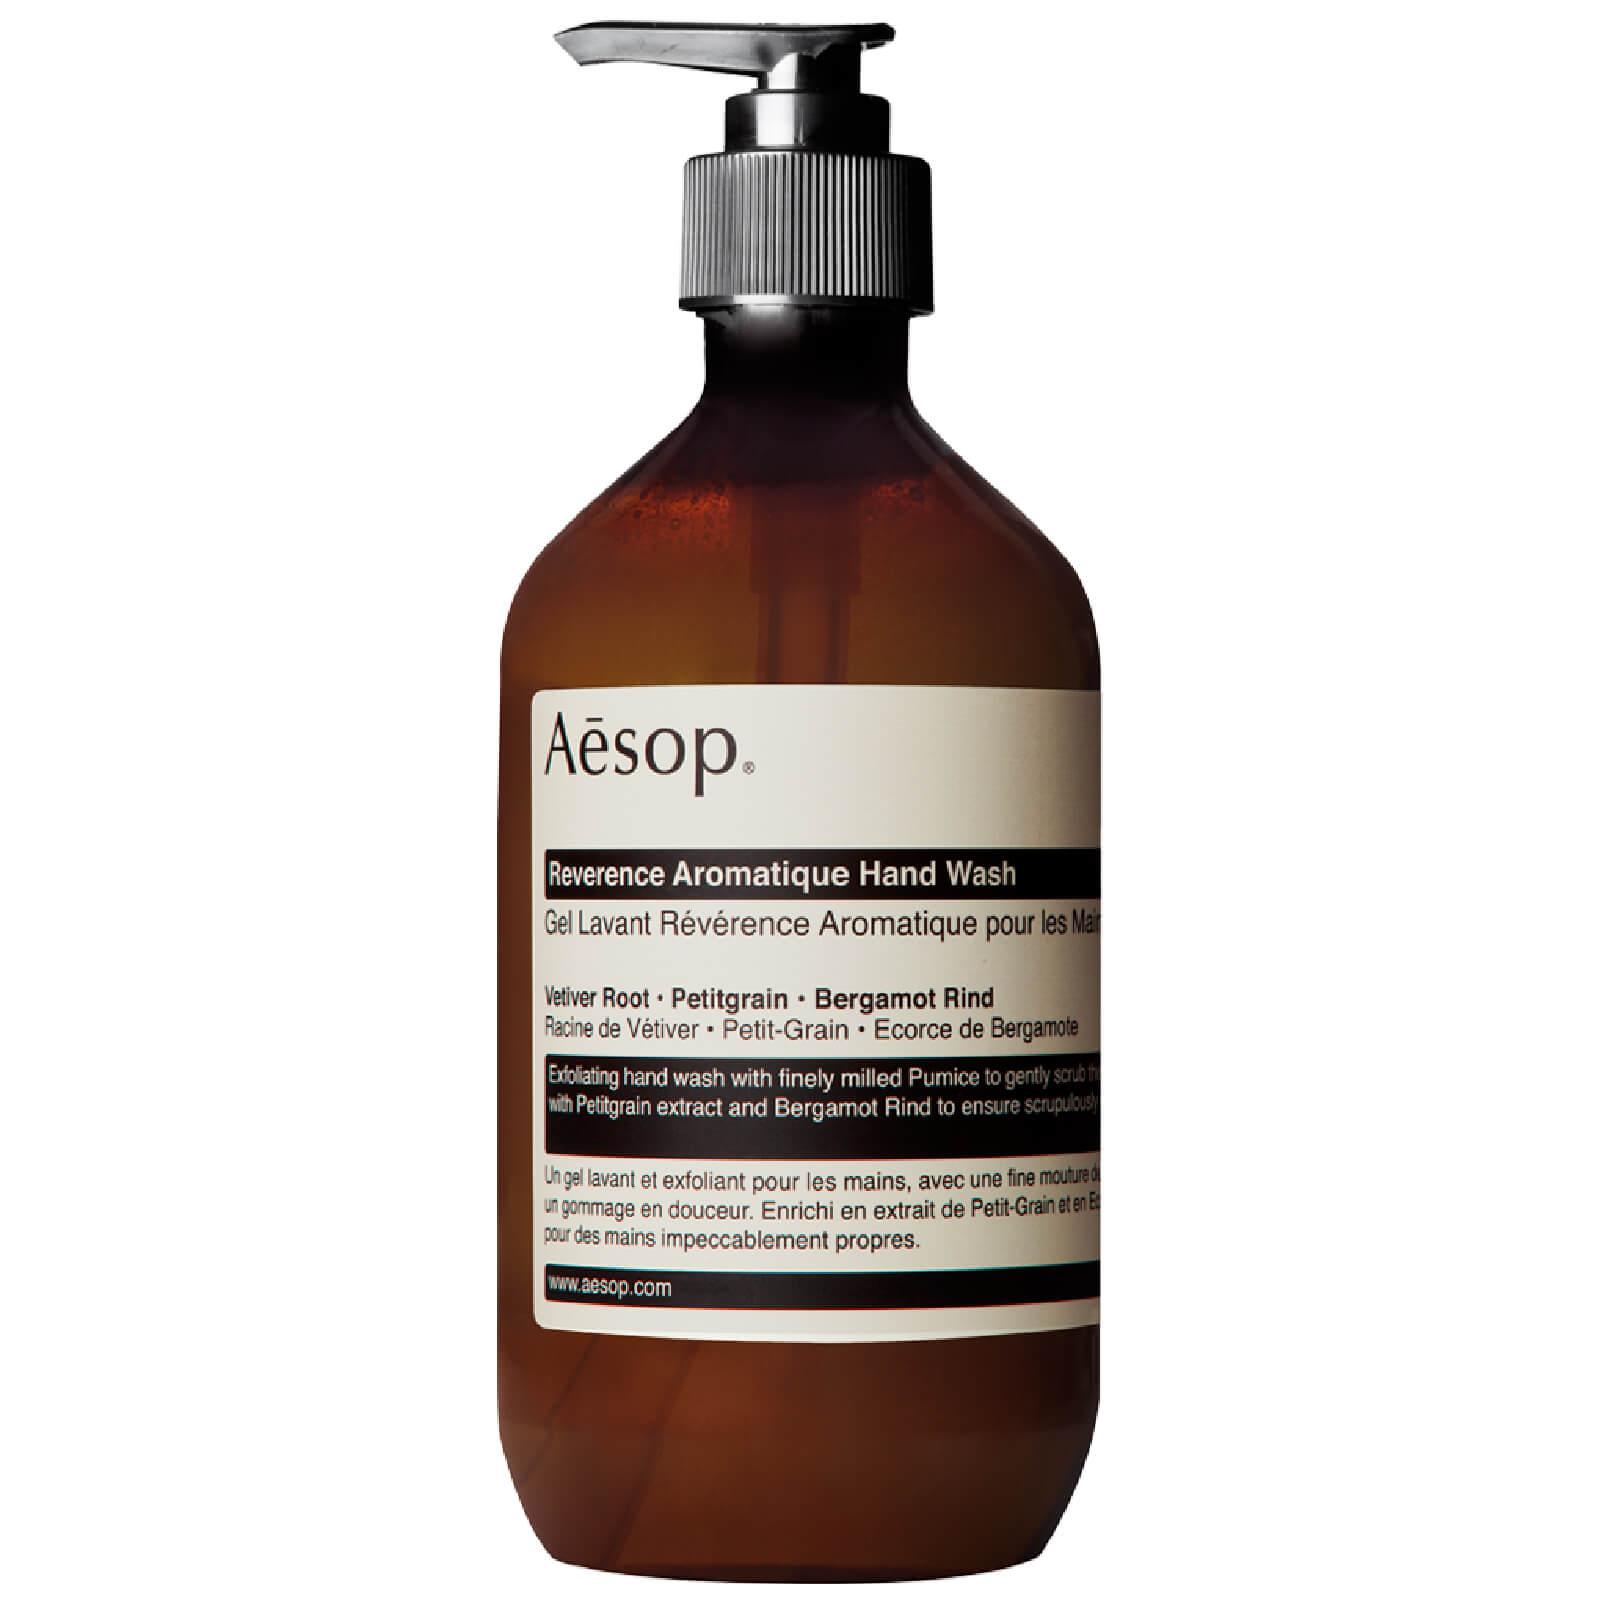 Aesop Handwash